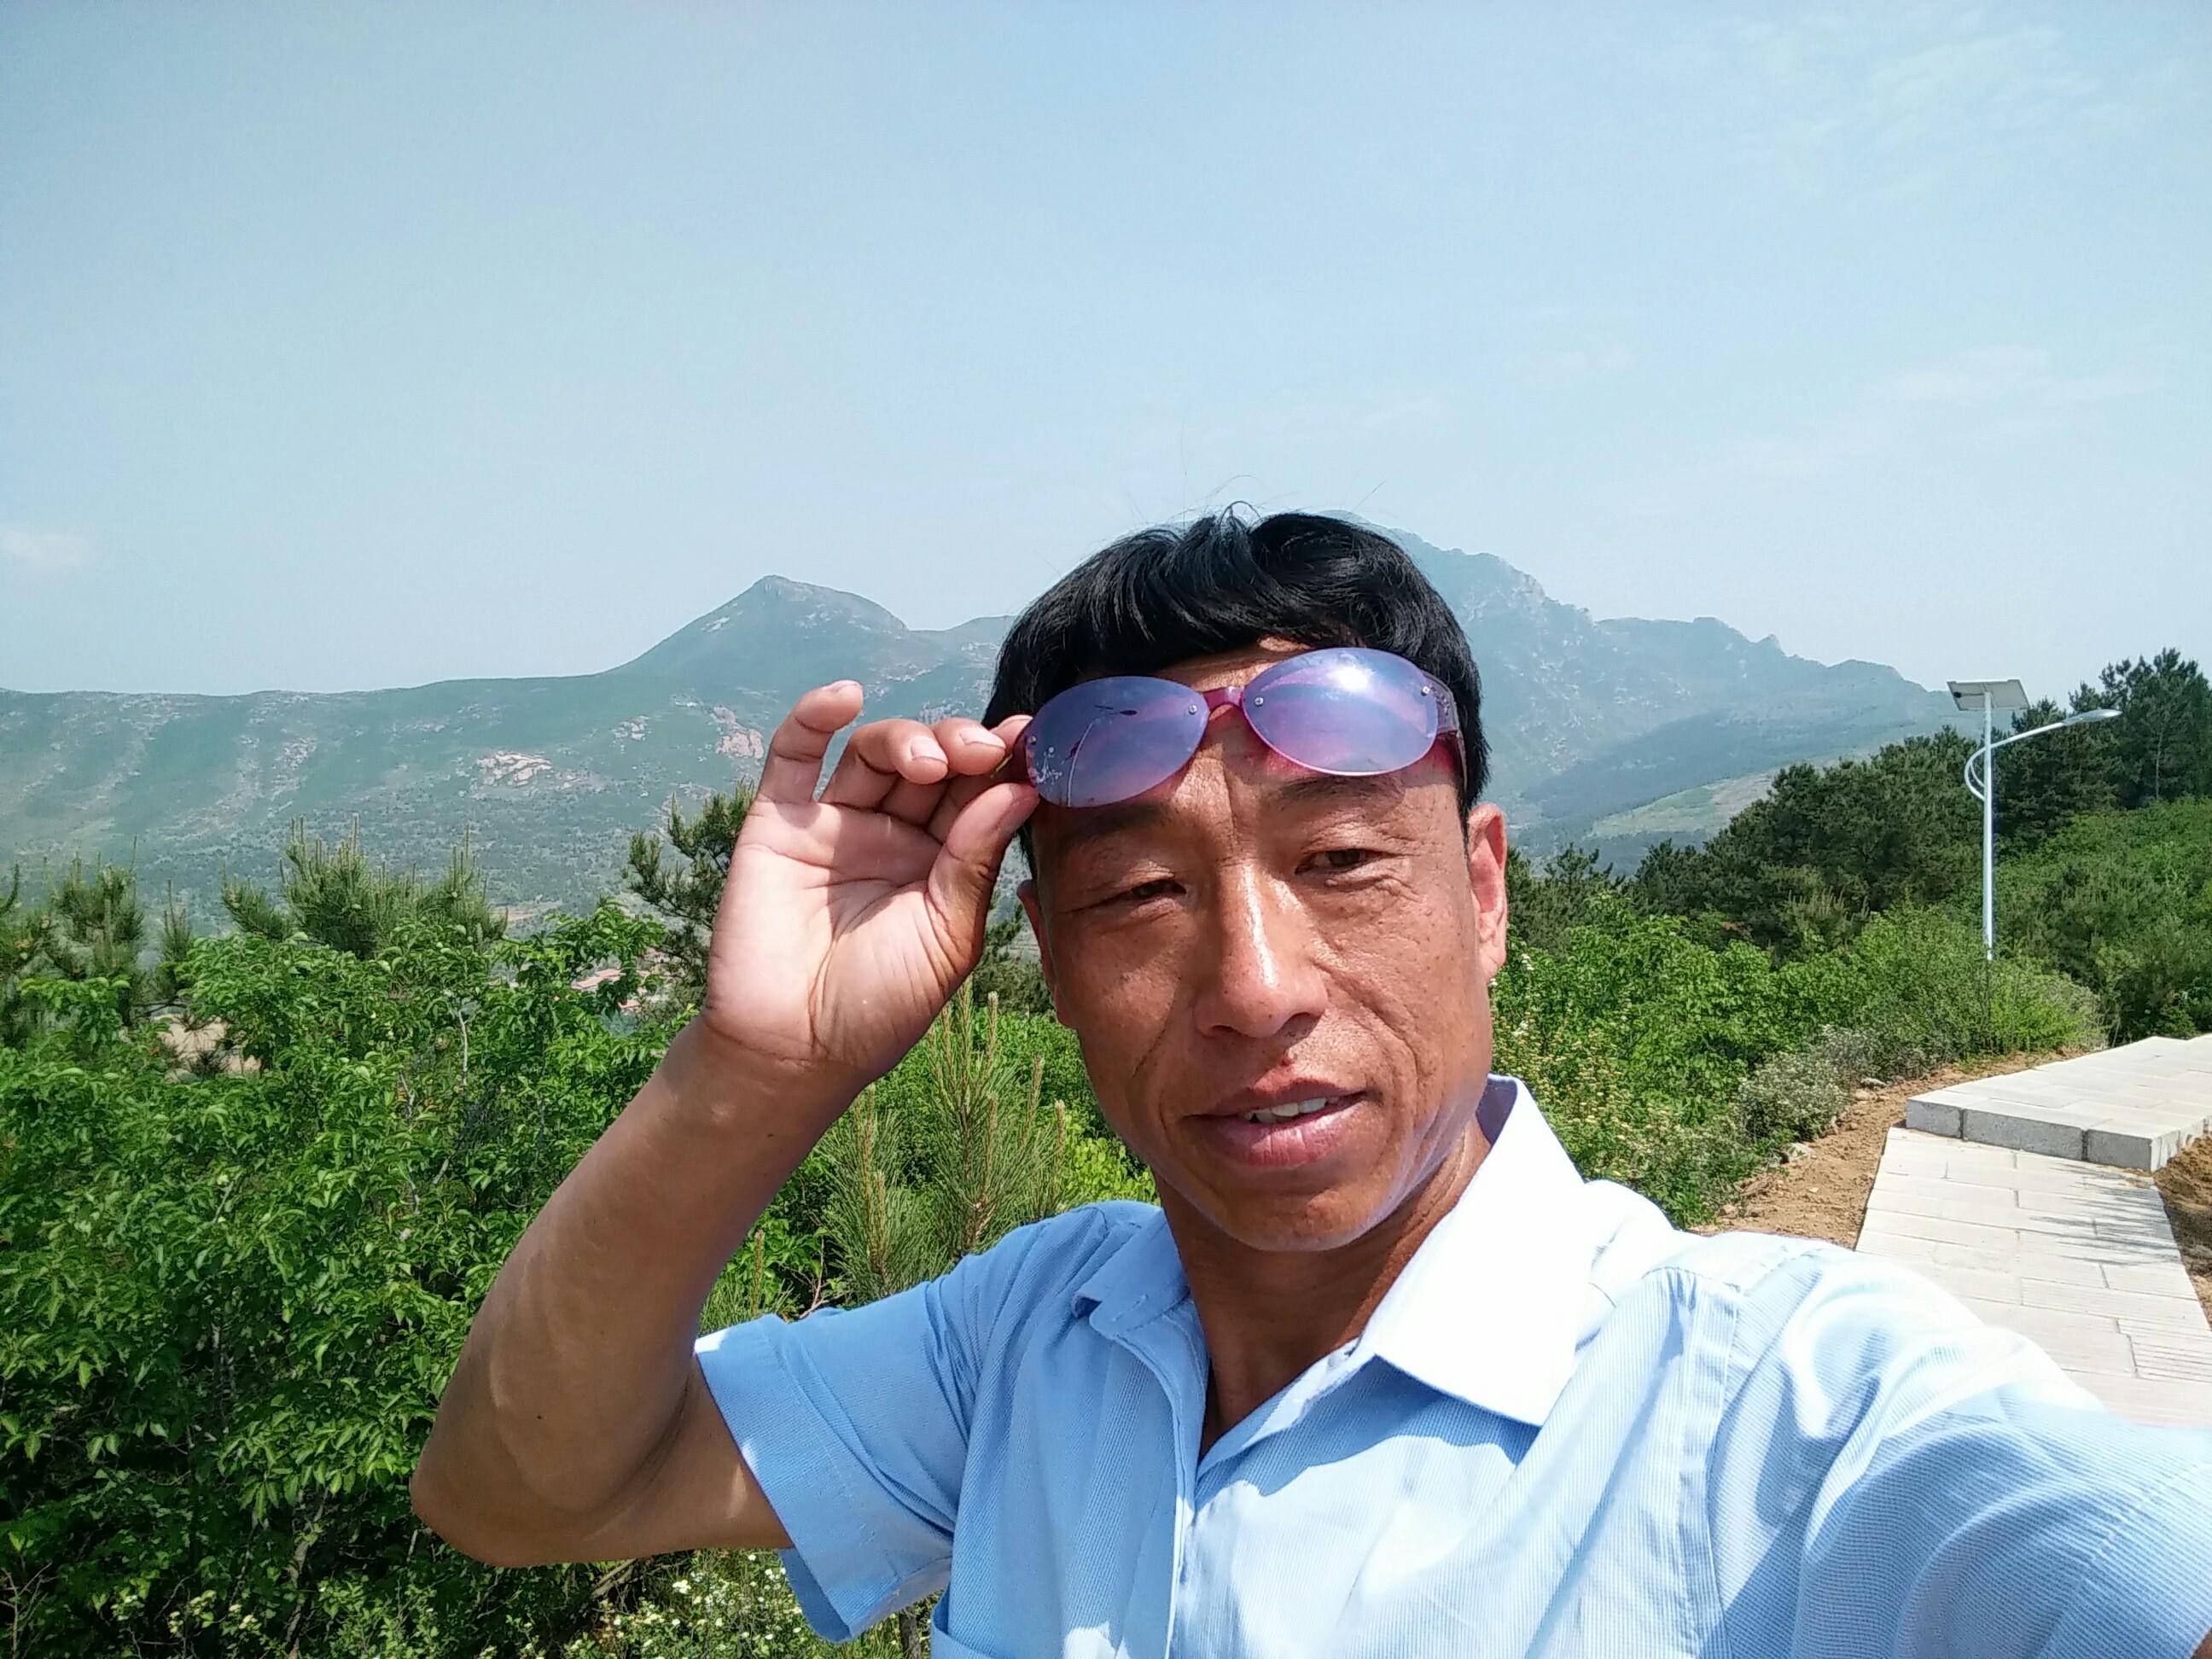 承德丰宁满族自治县九龙山风景区